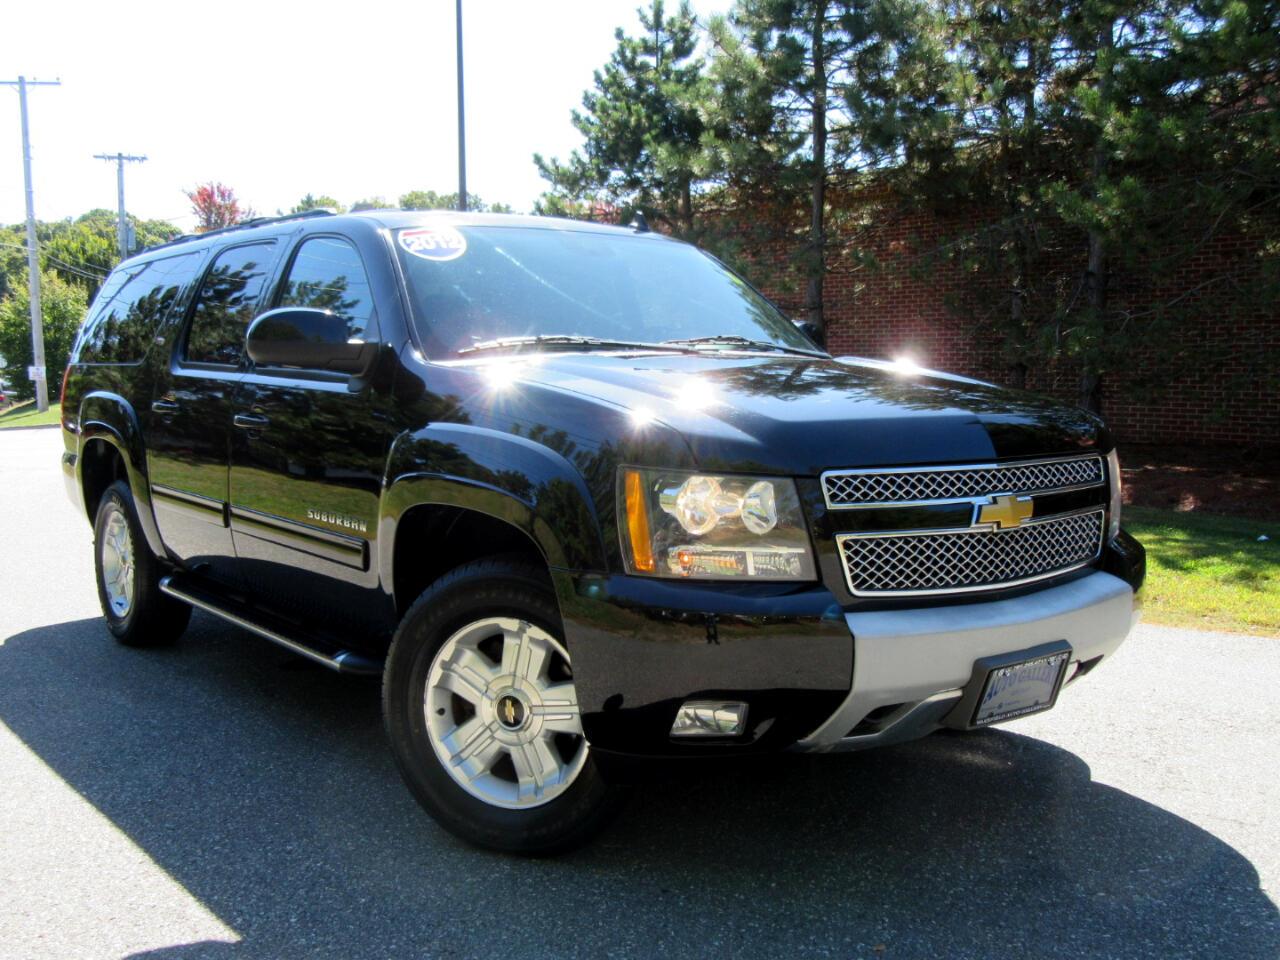 2012 Chevrolet Suburban 4WD 4dr 1500 LT Z71 Leather Navigation Backup Came